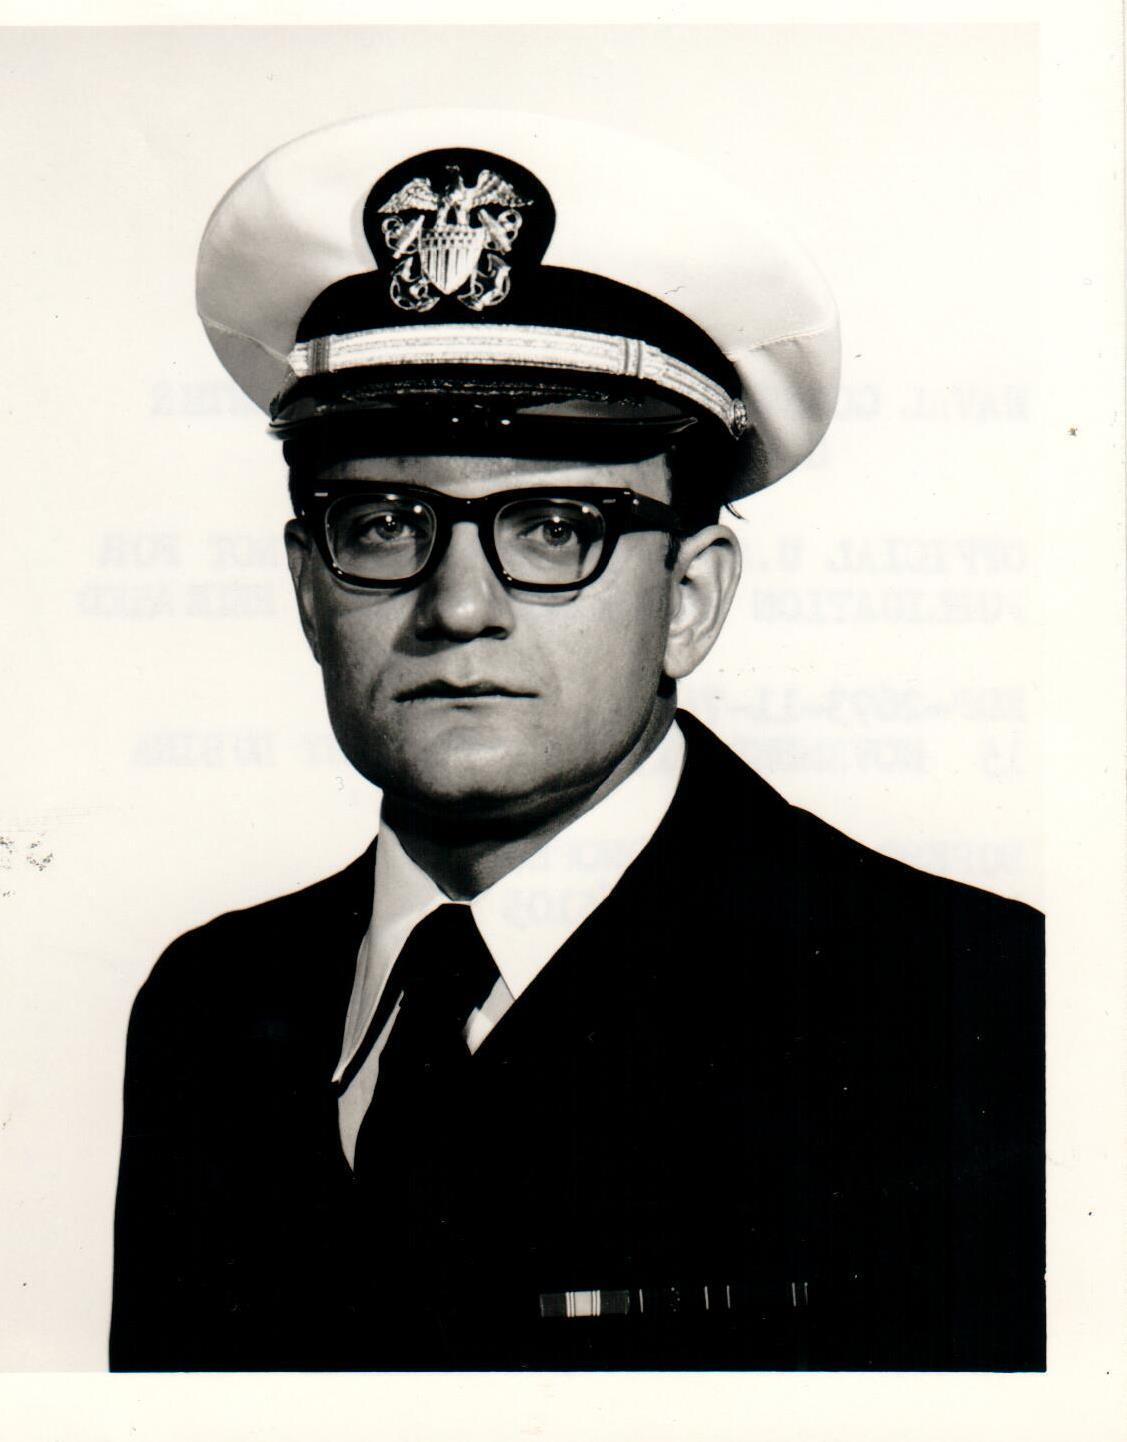 Benjamin S. Konopka